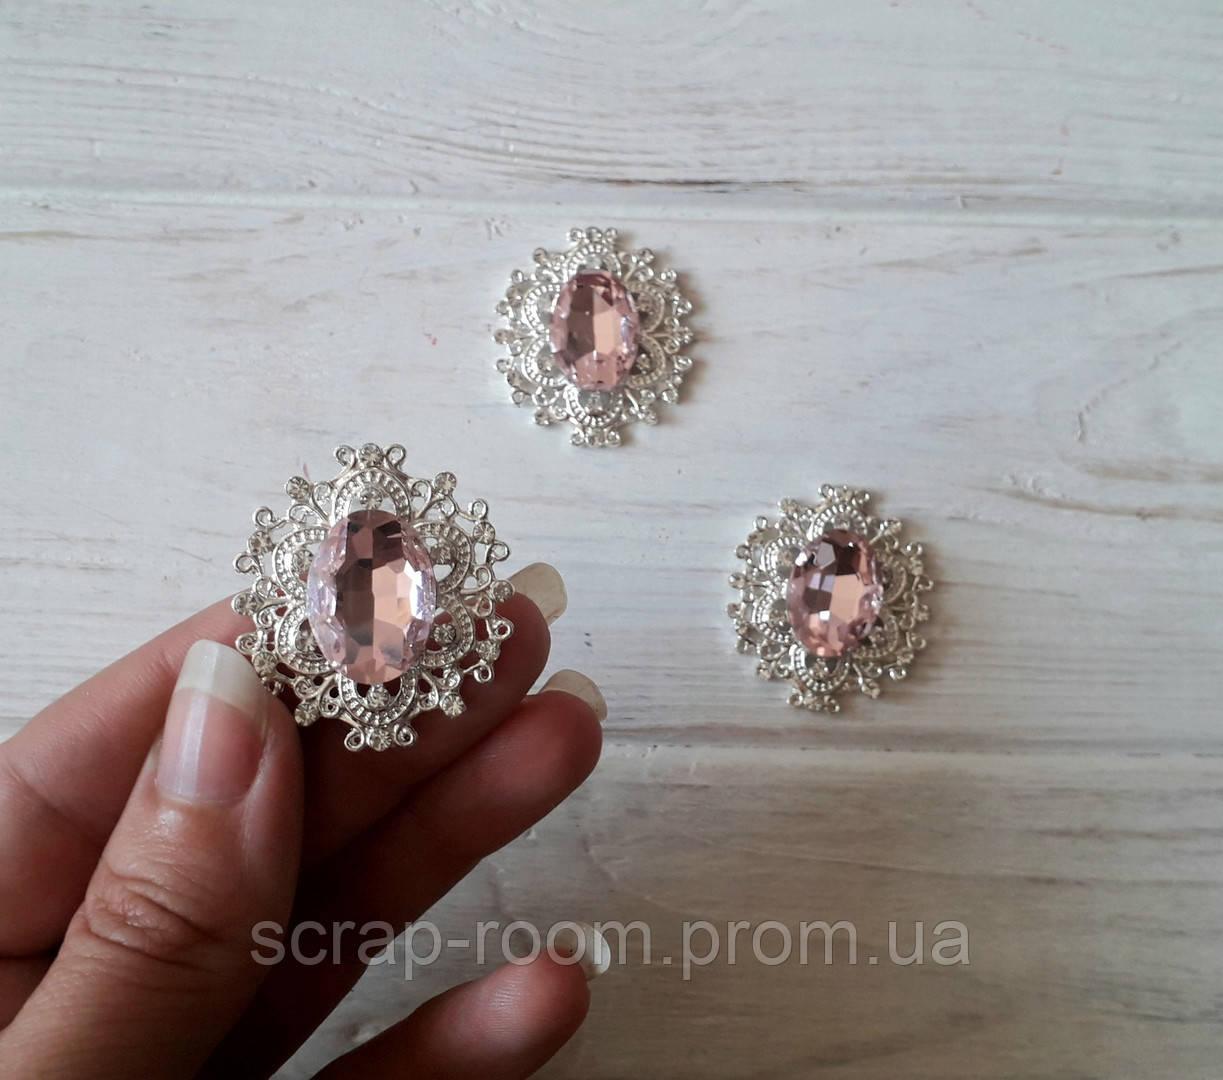 Брошь со стразами, брошь с розовым камнем, брошь с камнем, брошь свадебная, размер 28*32 мм, цена за шт